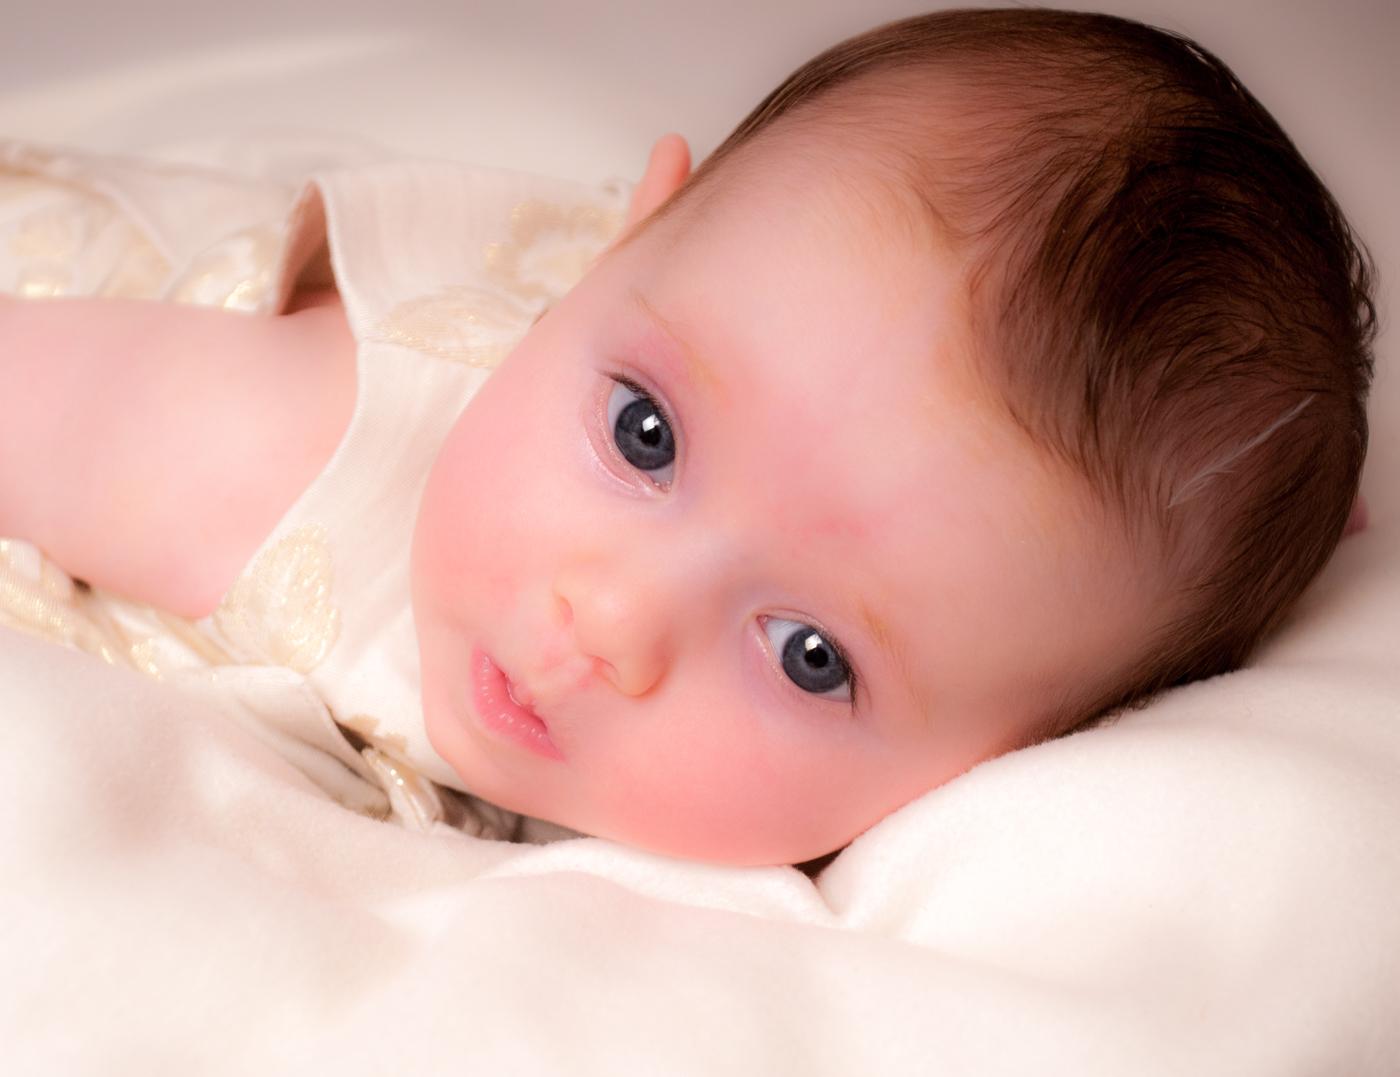 baby-photographer-brighton-8